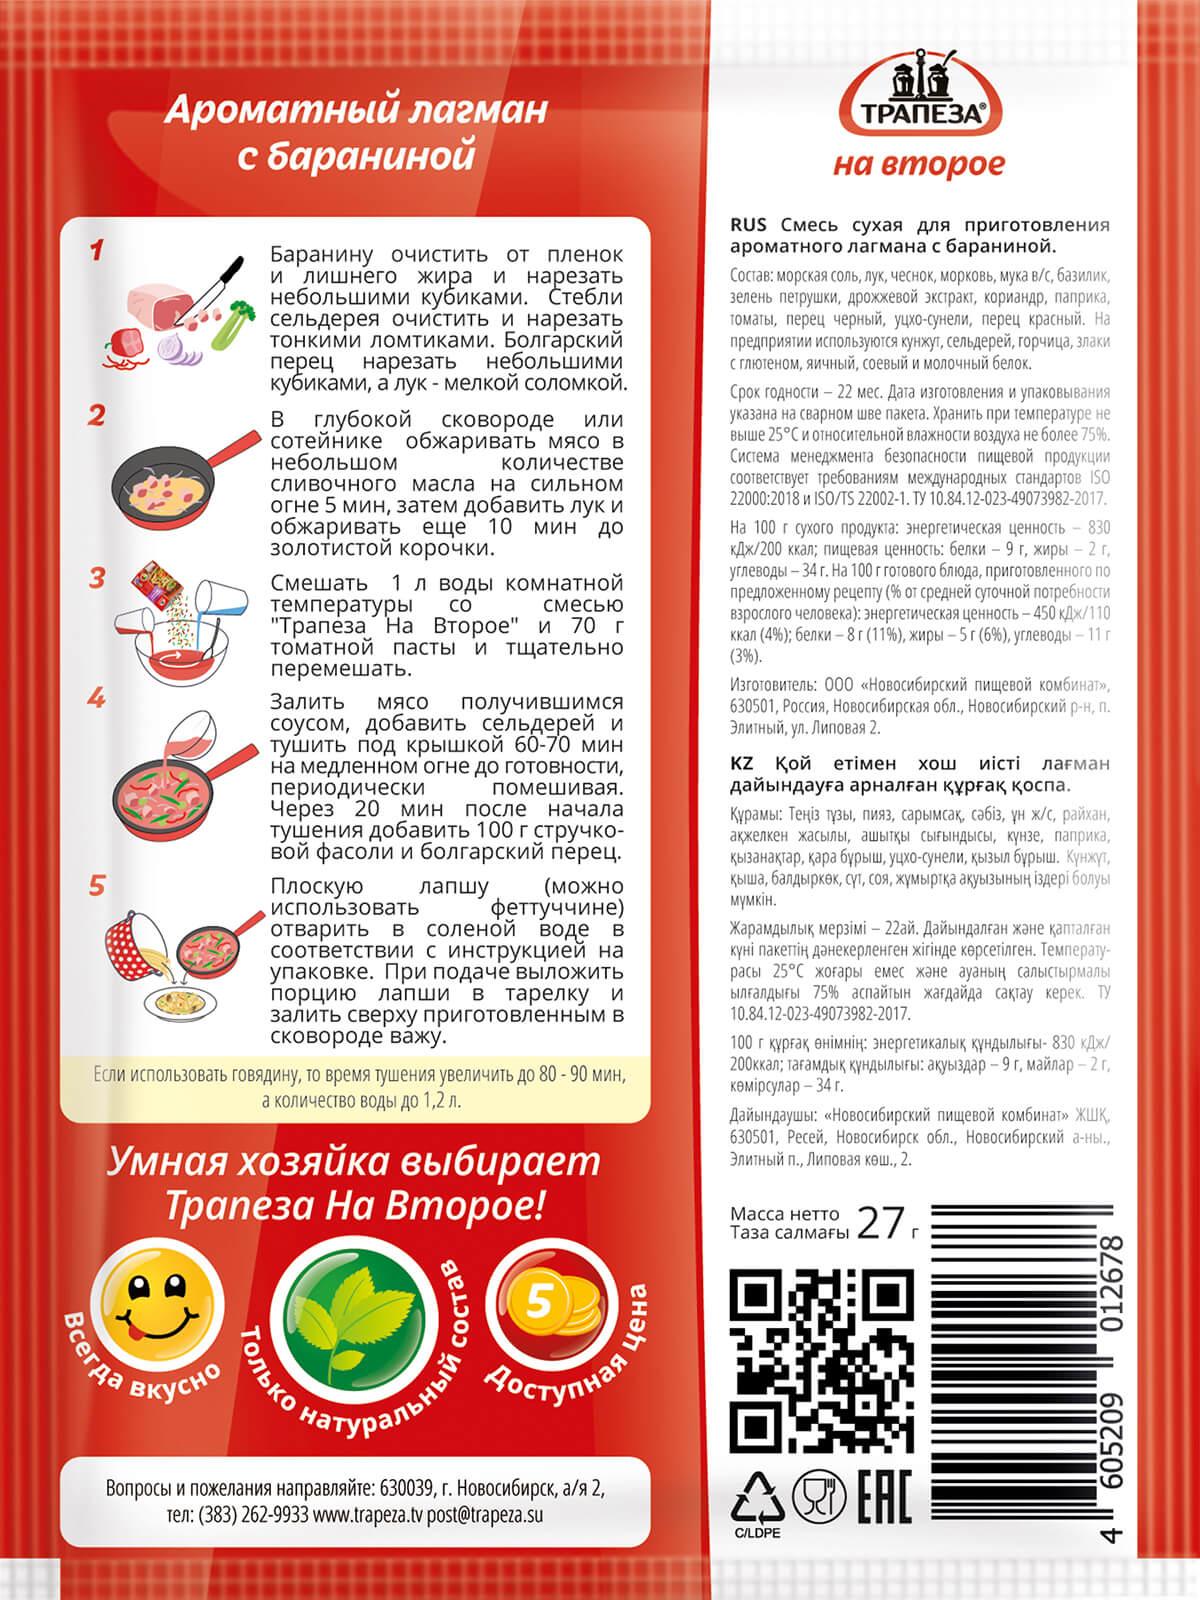 Трапеза на второе смесь для приготовления ароматного лагмана с бараниной